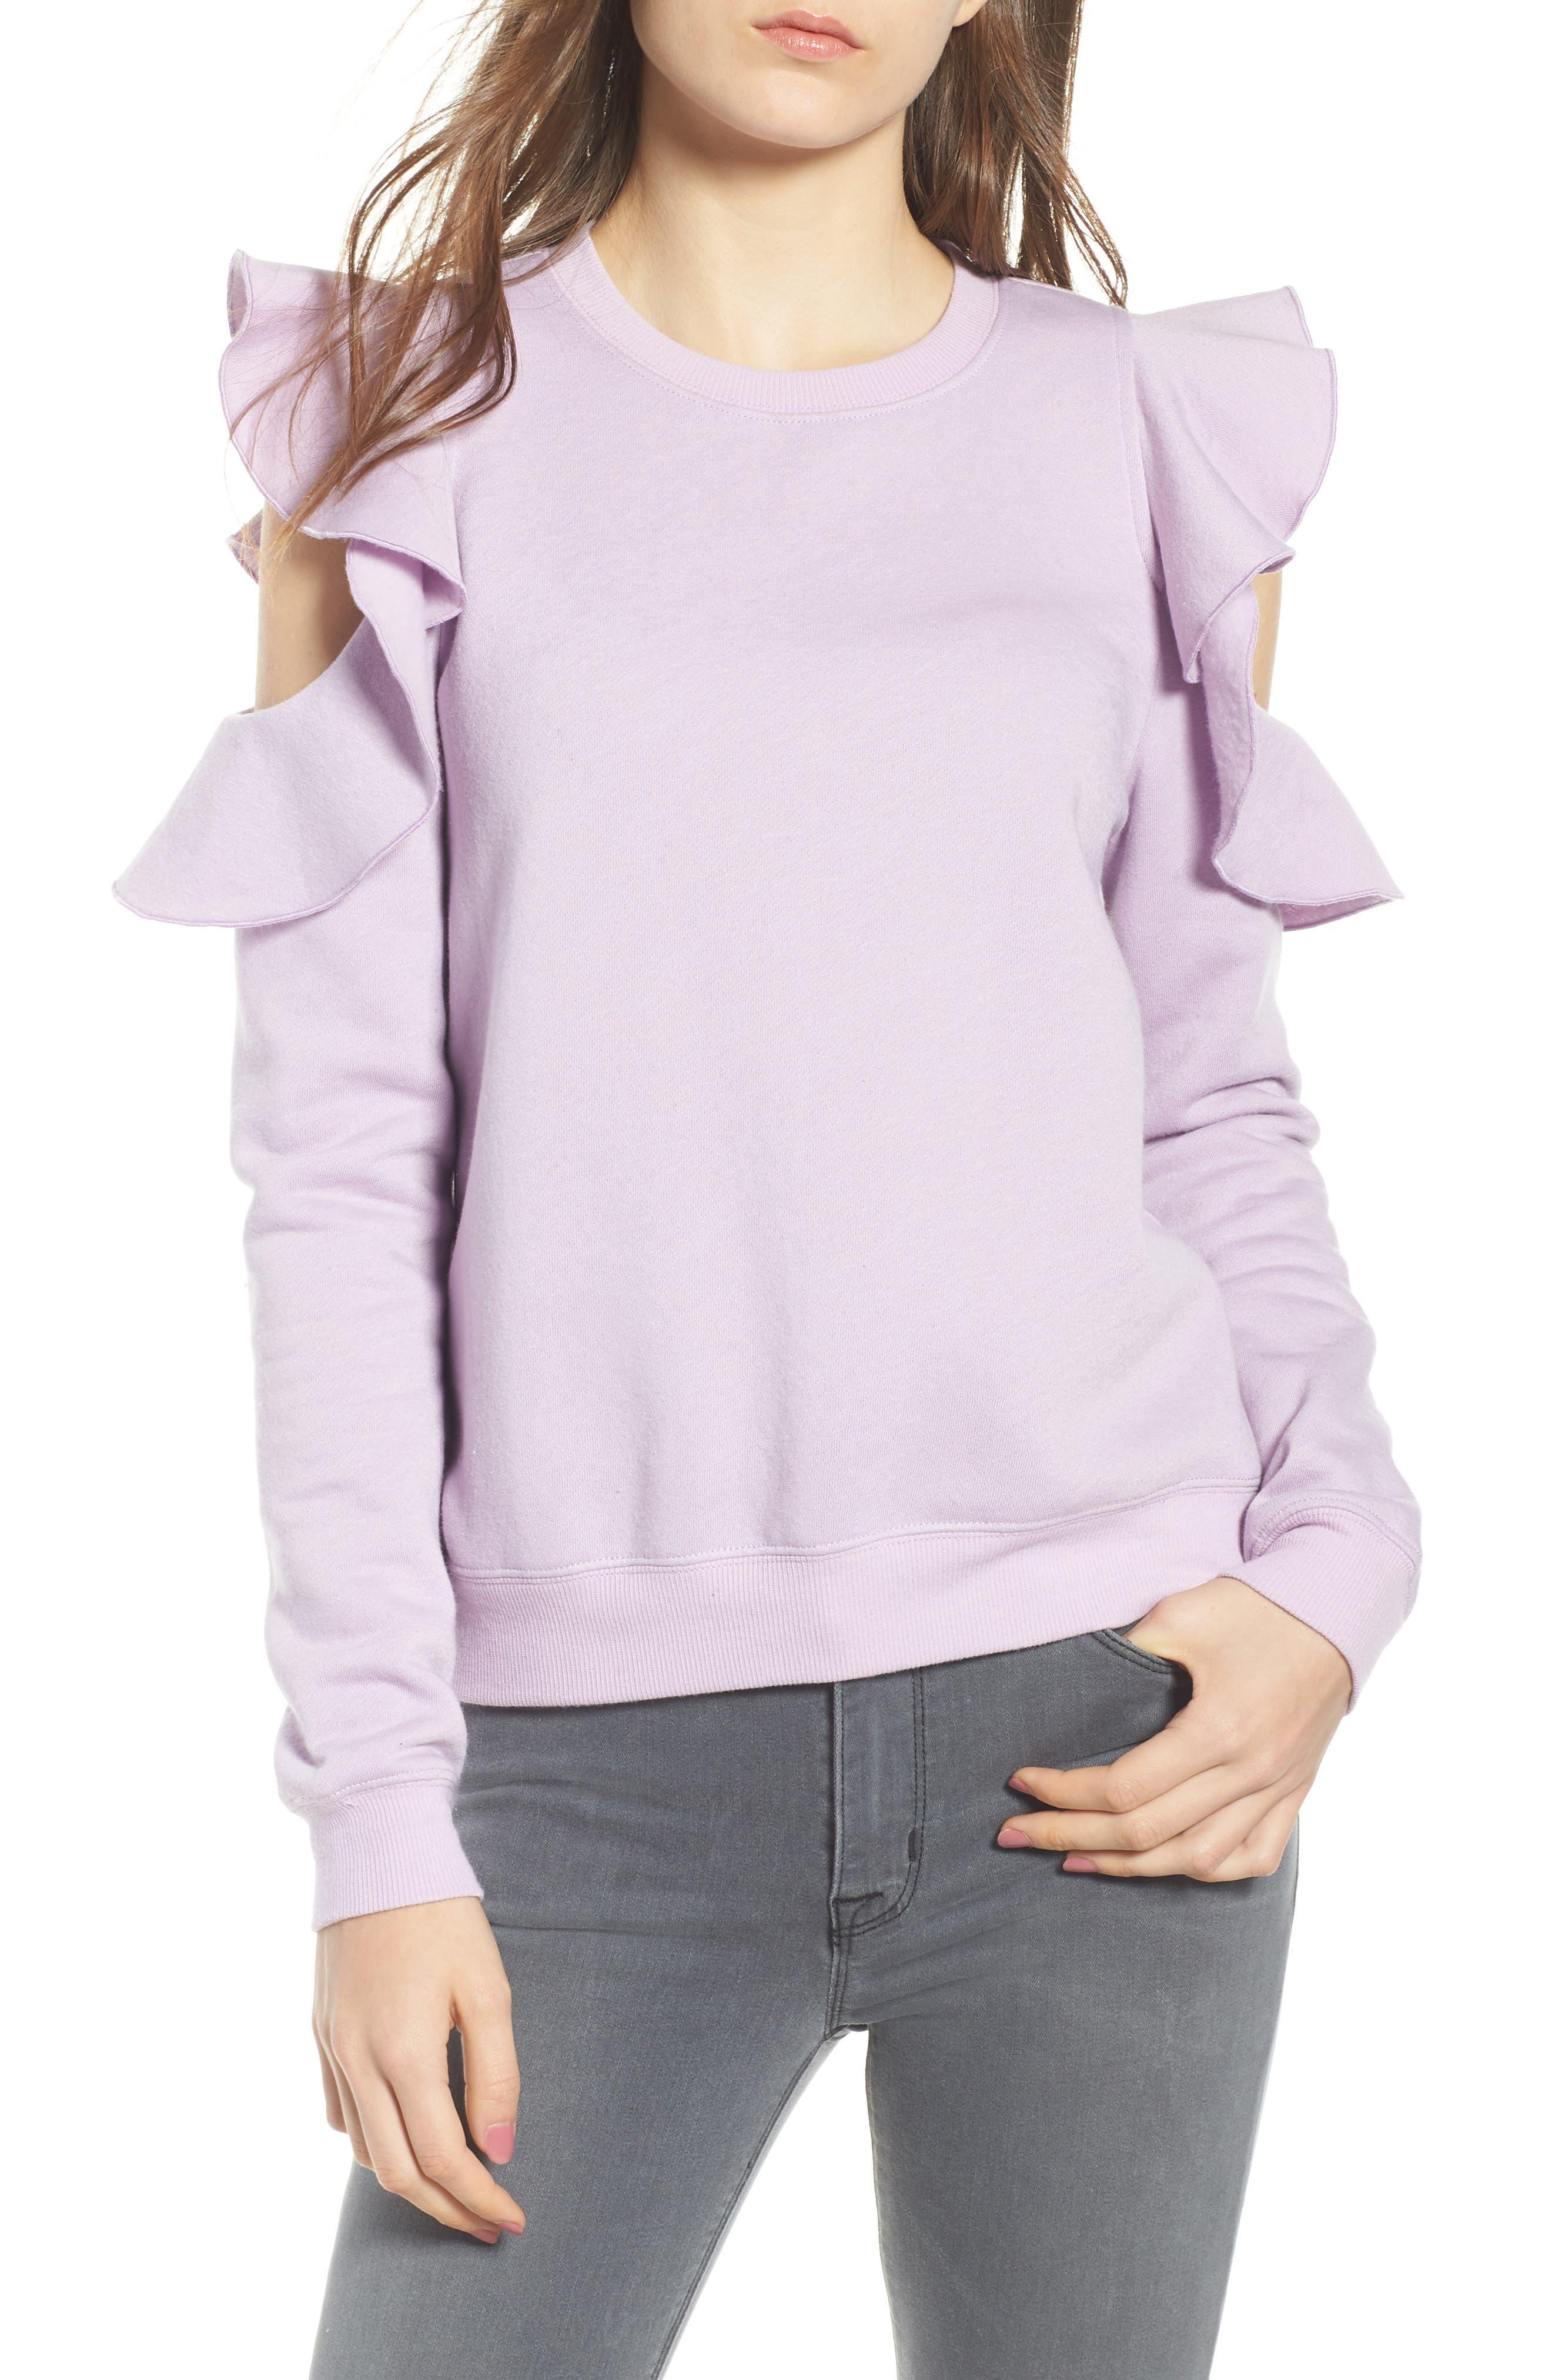 Gracie Cold Shoulder Sweatshirt,                             Main thumbnail 1, color,                             502